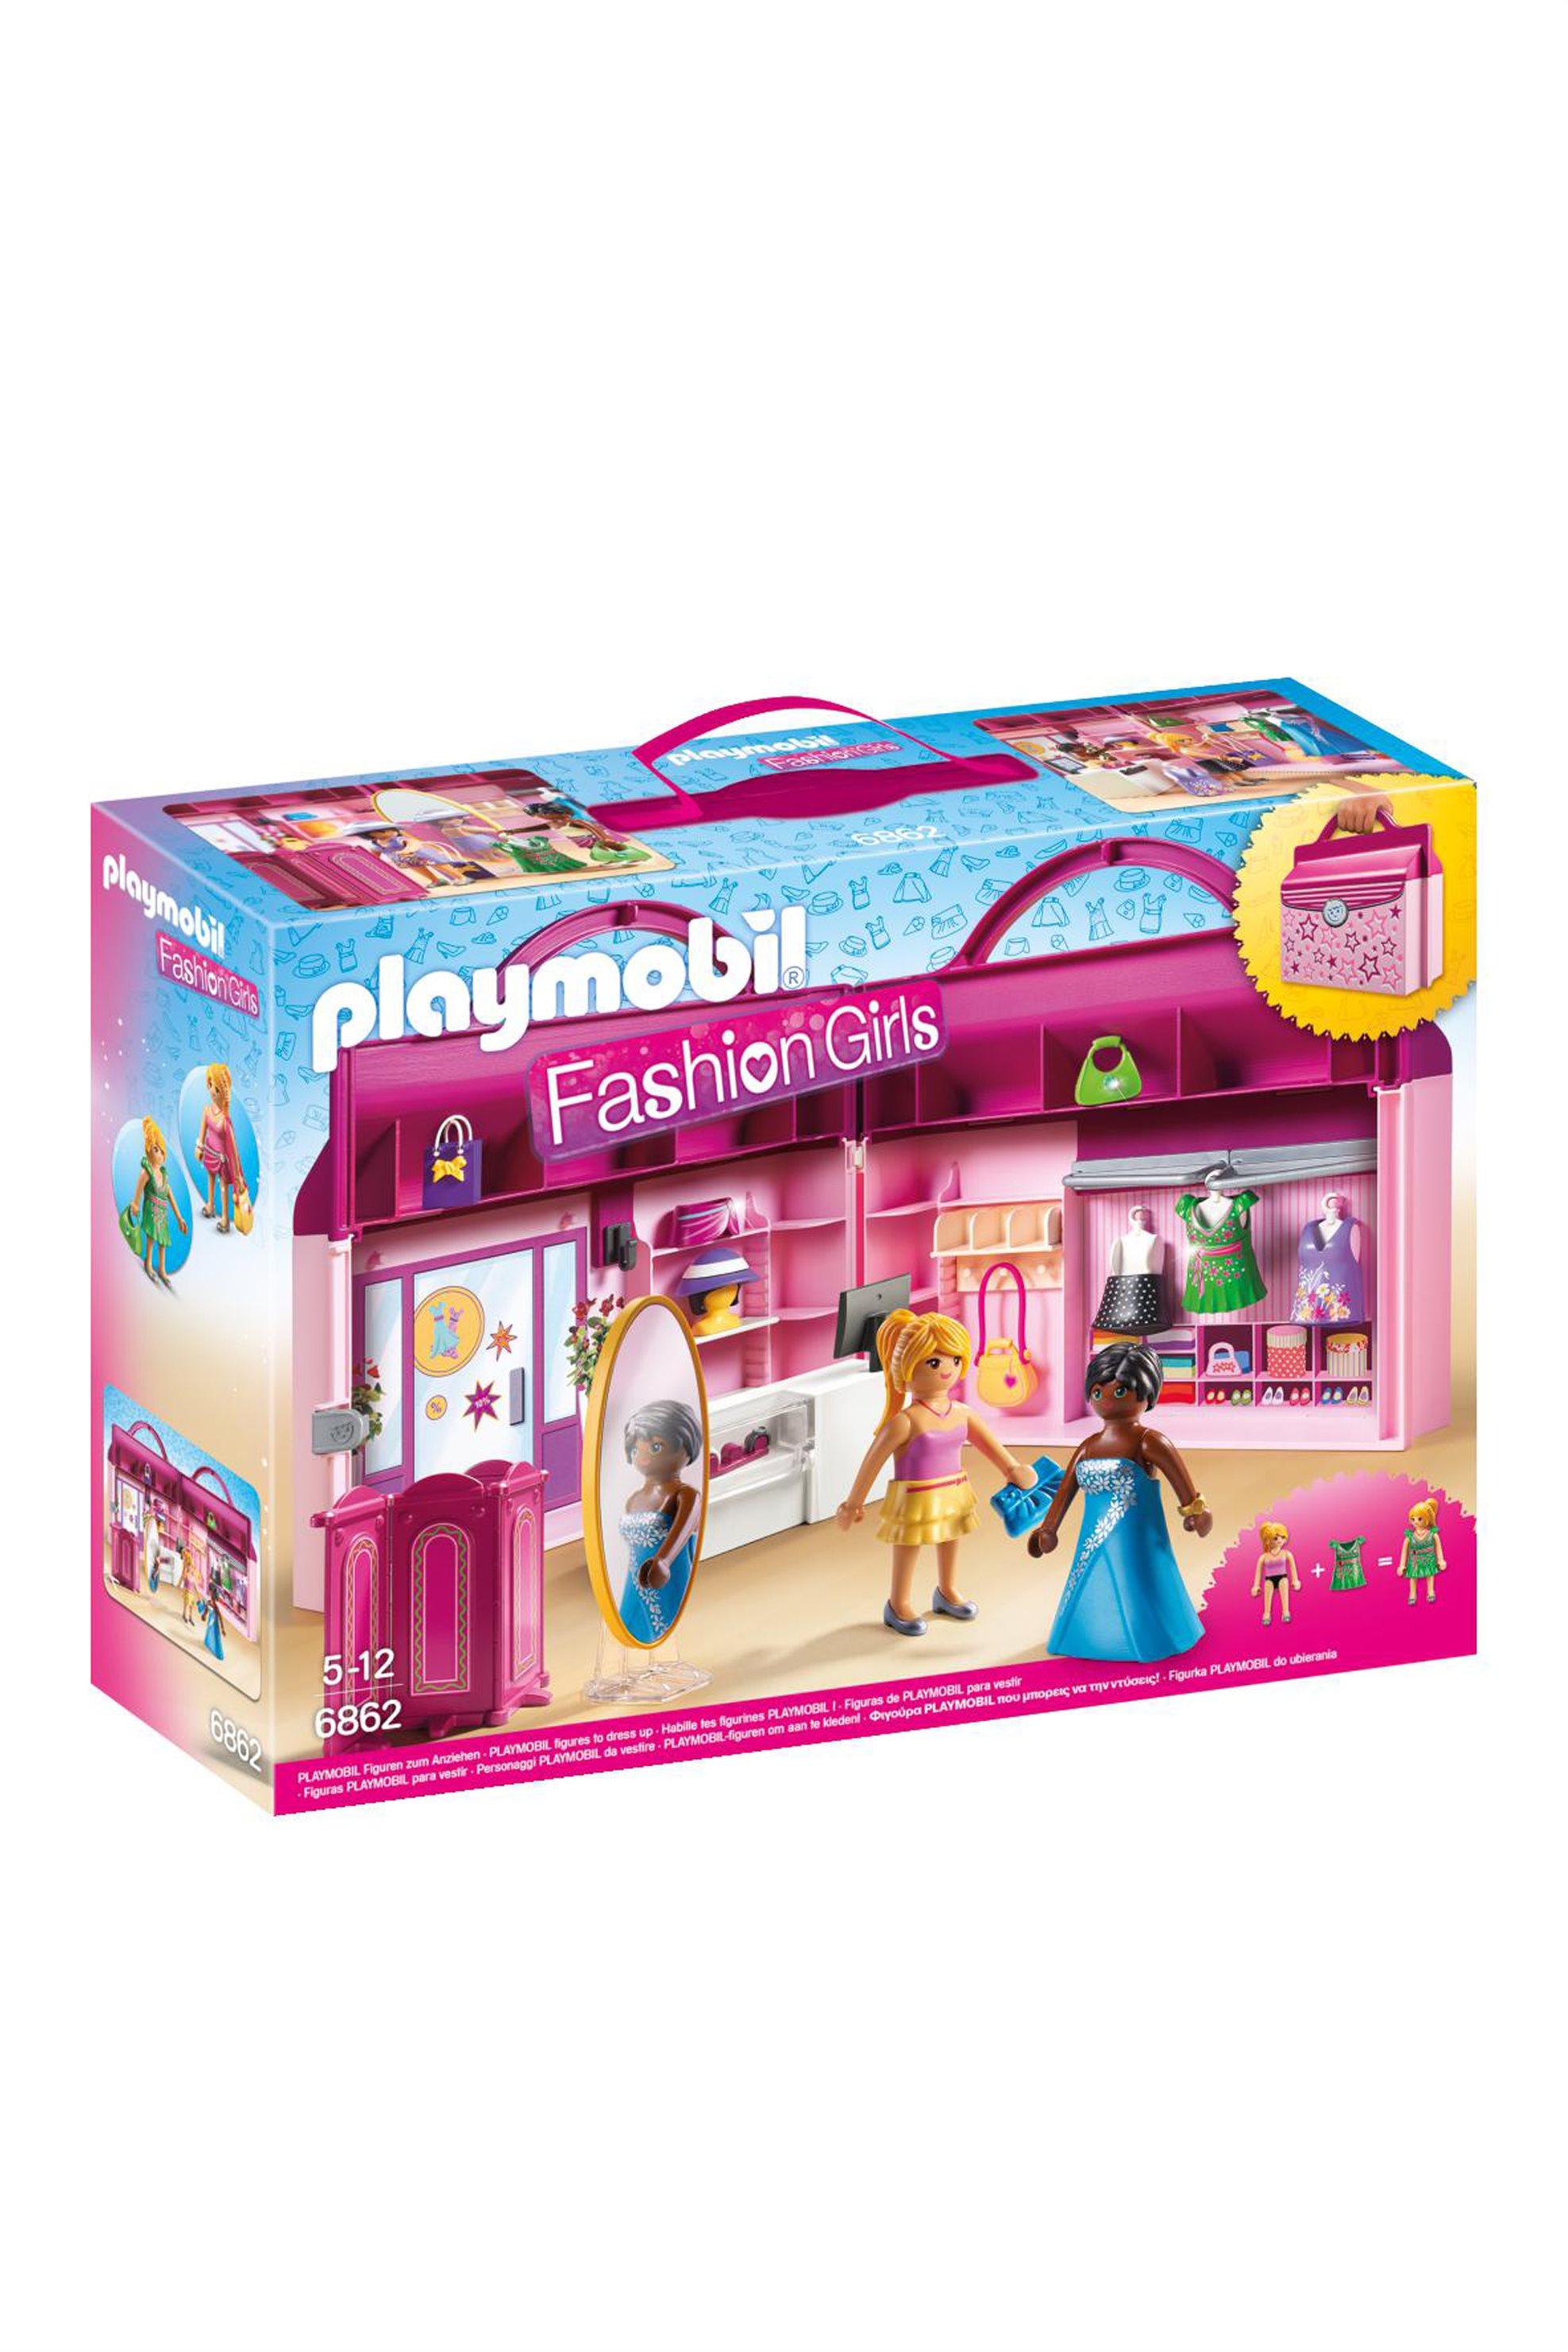 Βαλιτσάκι - boutique ρούχων Playmobil - 6862 παιδι   παιχνιδια   playmobil   κλασικά παιχνίδια